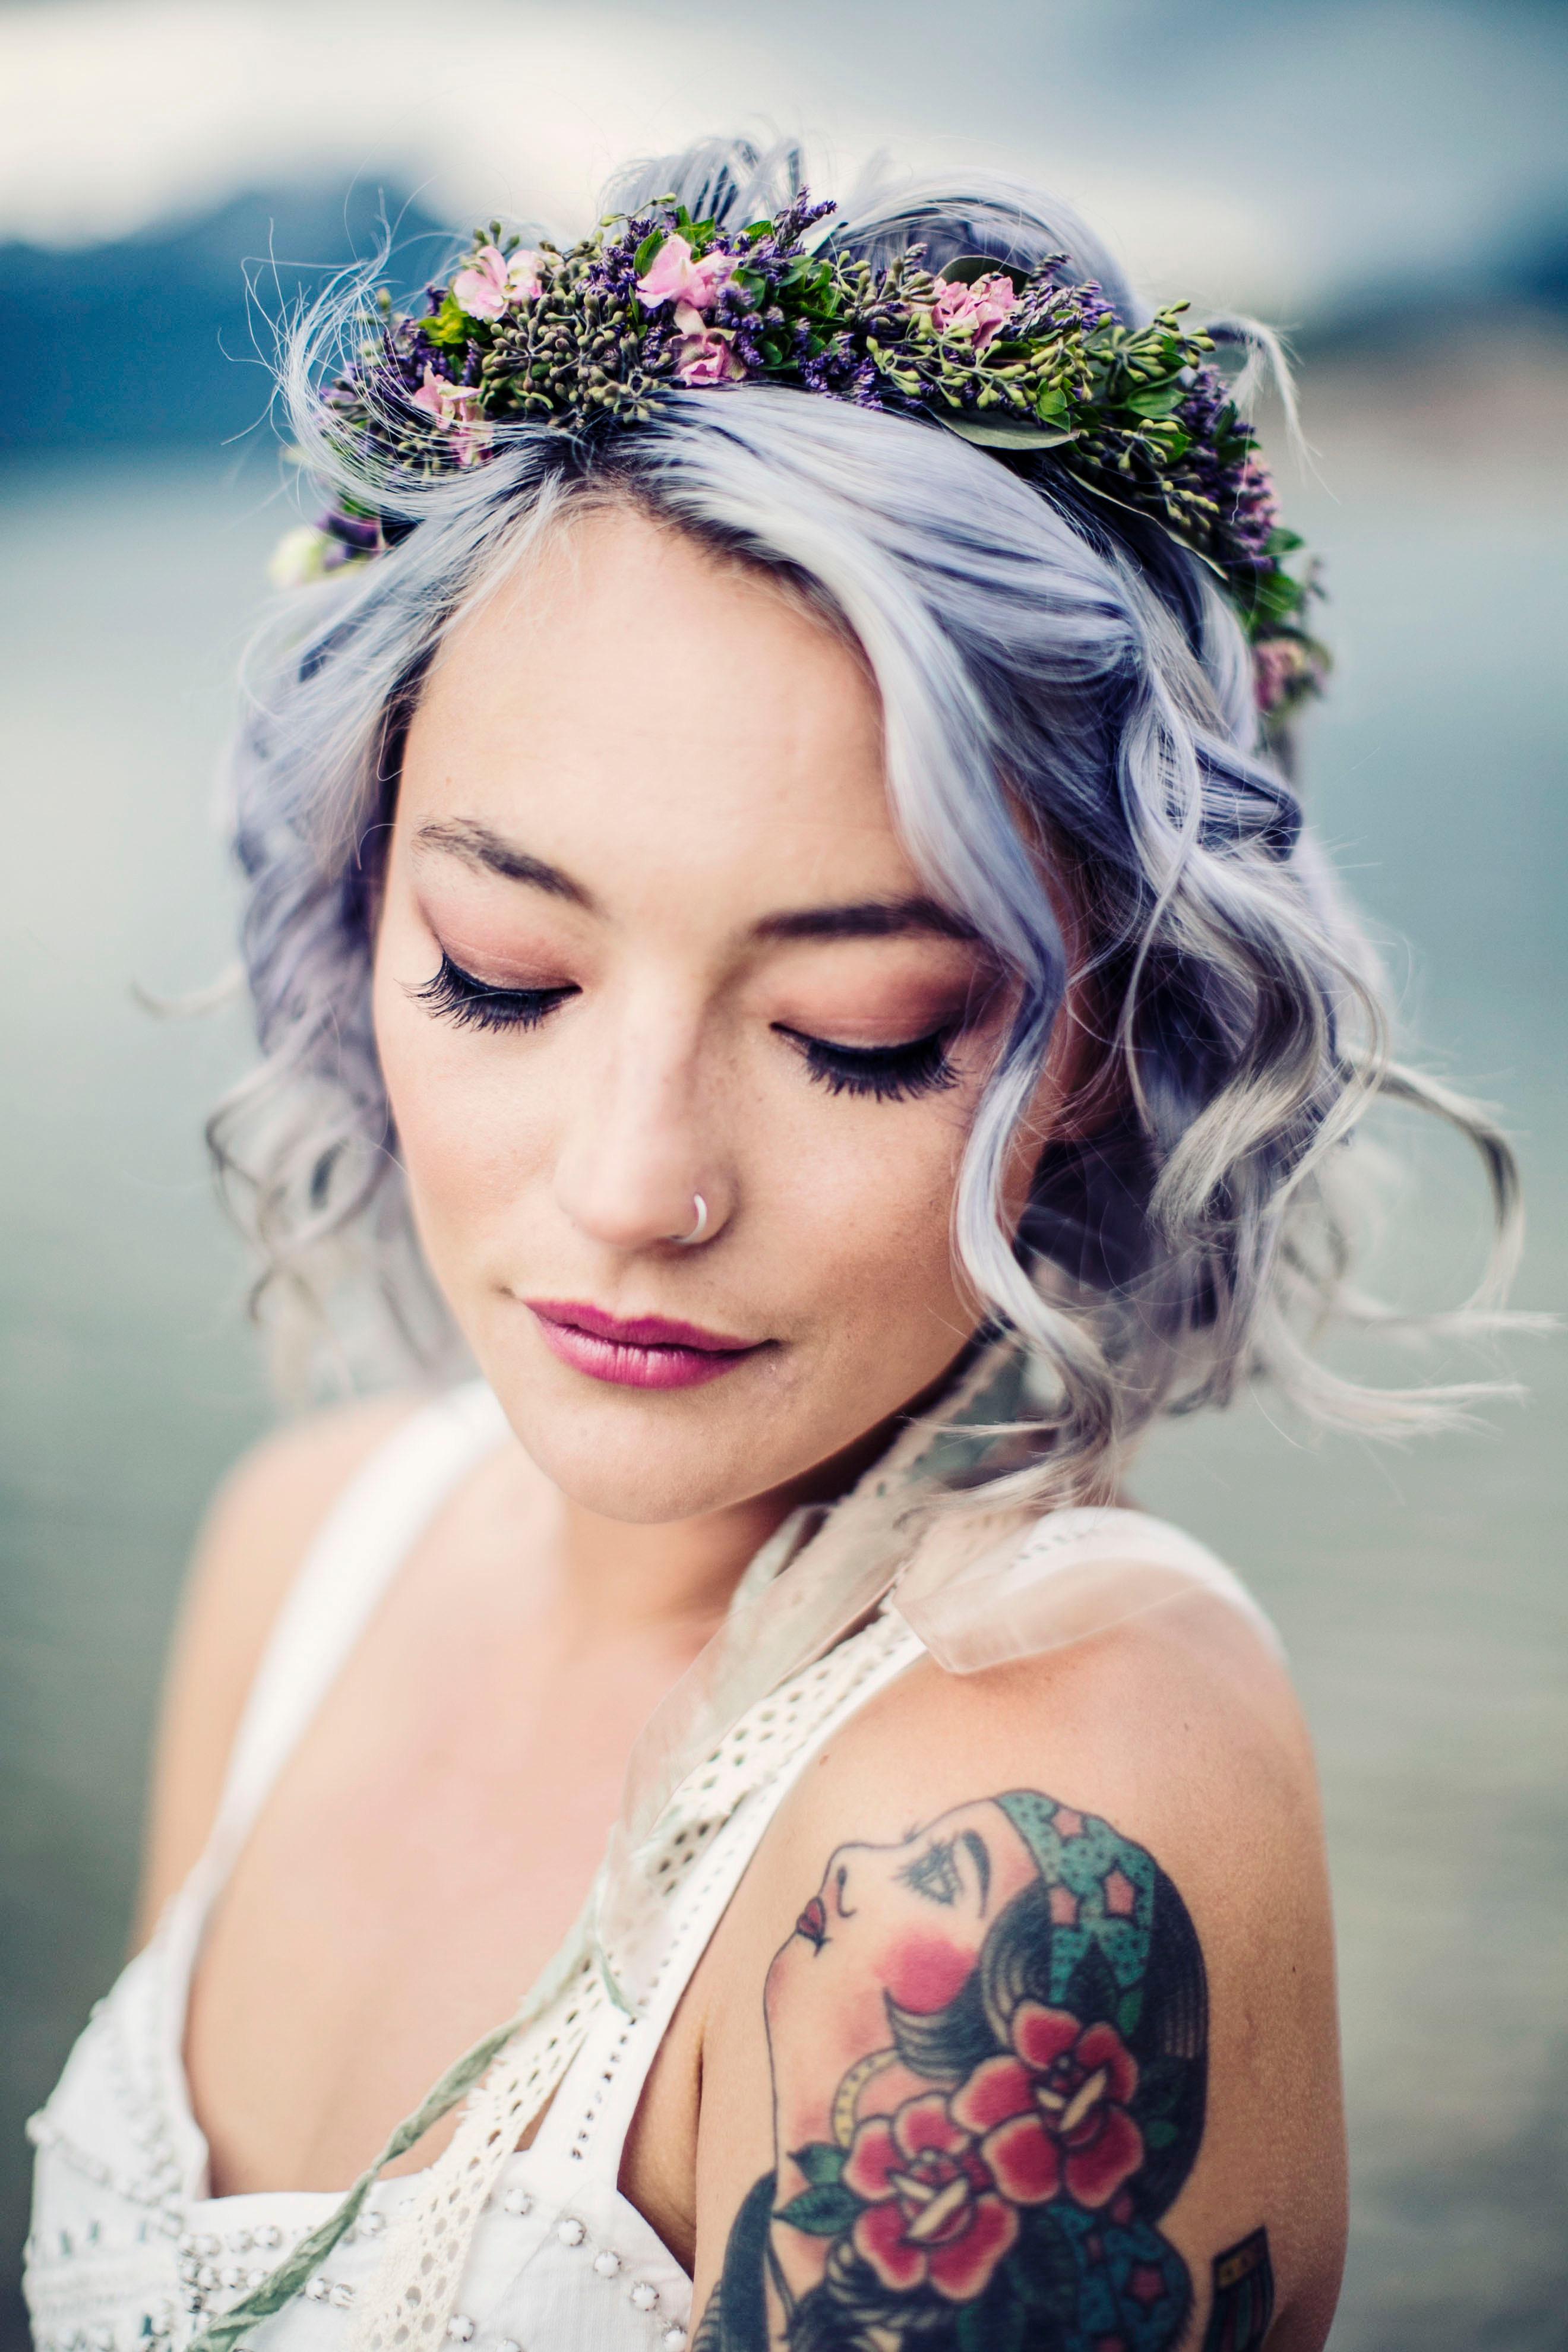 Bridal Makeup Trial Run